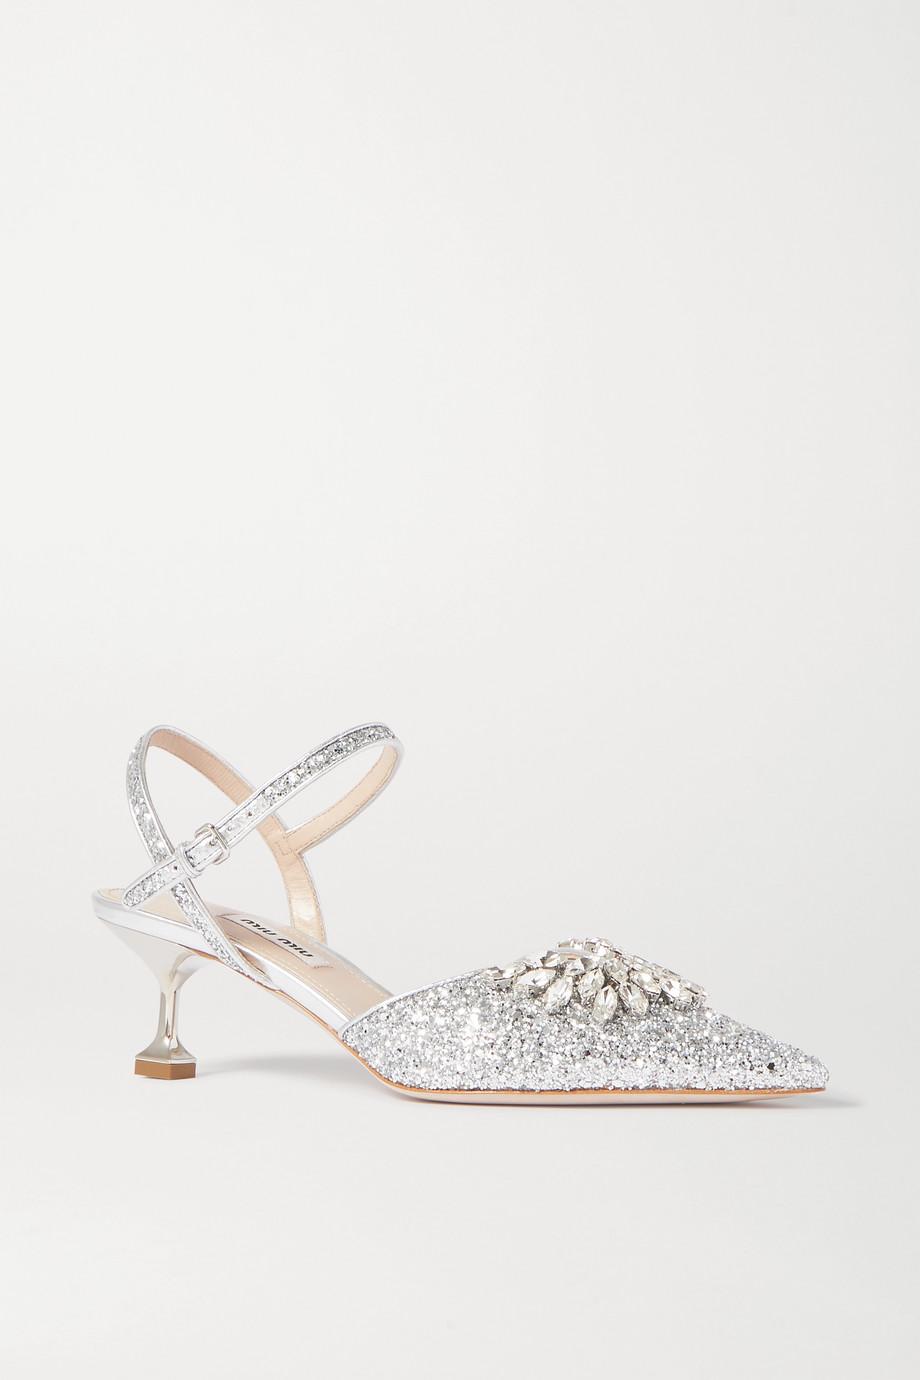 Miu Miu Escarpins à brides en cuir pailleté à cristaux